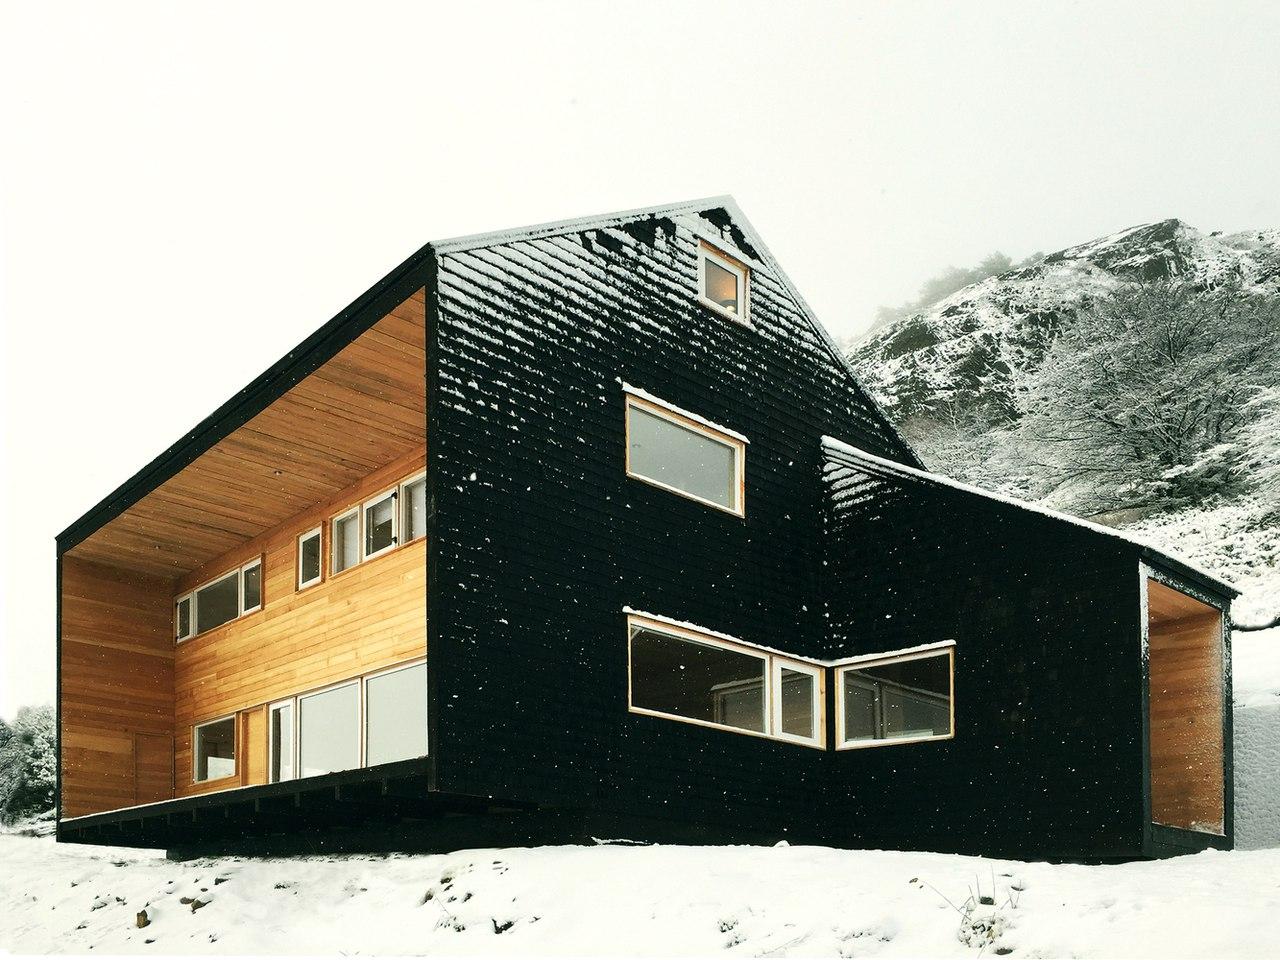 Mountain House / Armando Montero